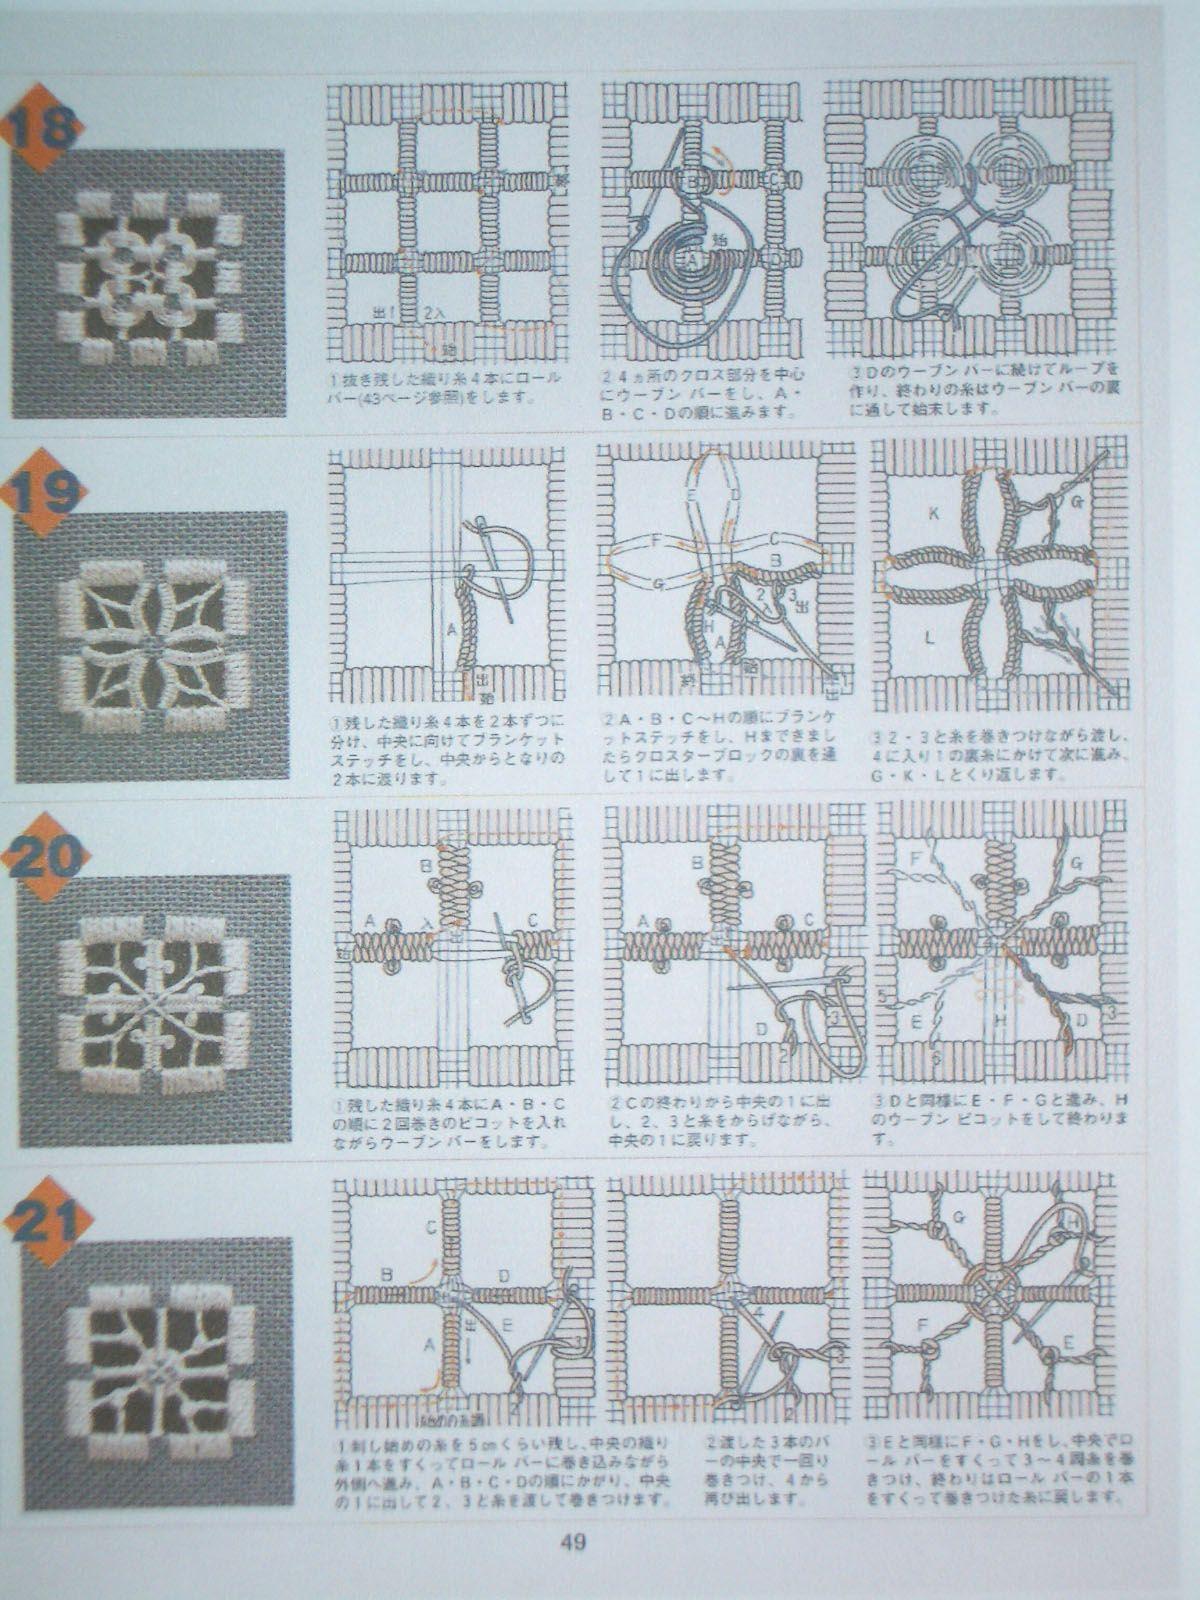 pingl par veronique deiler sur broderie hardanger embroidery embroidery et hardanger. Black Bedroom Furniture Sets. Home Design Ideas